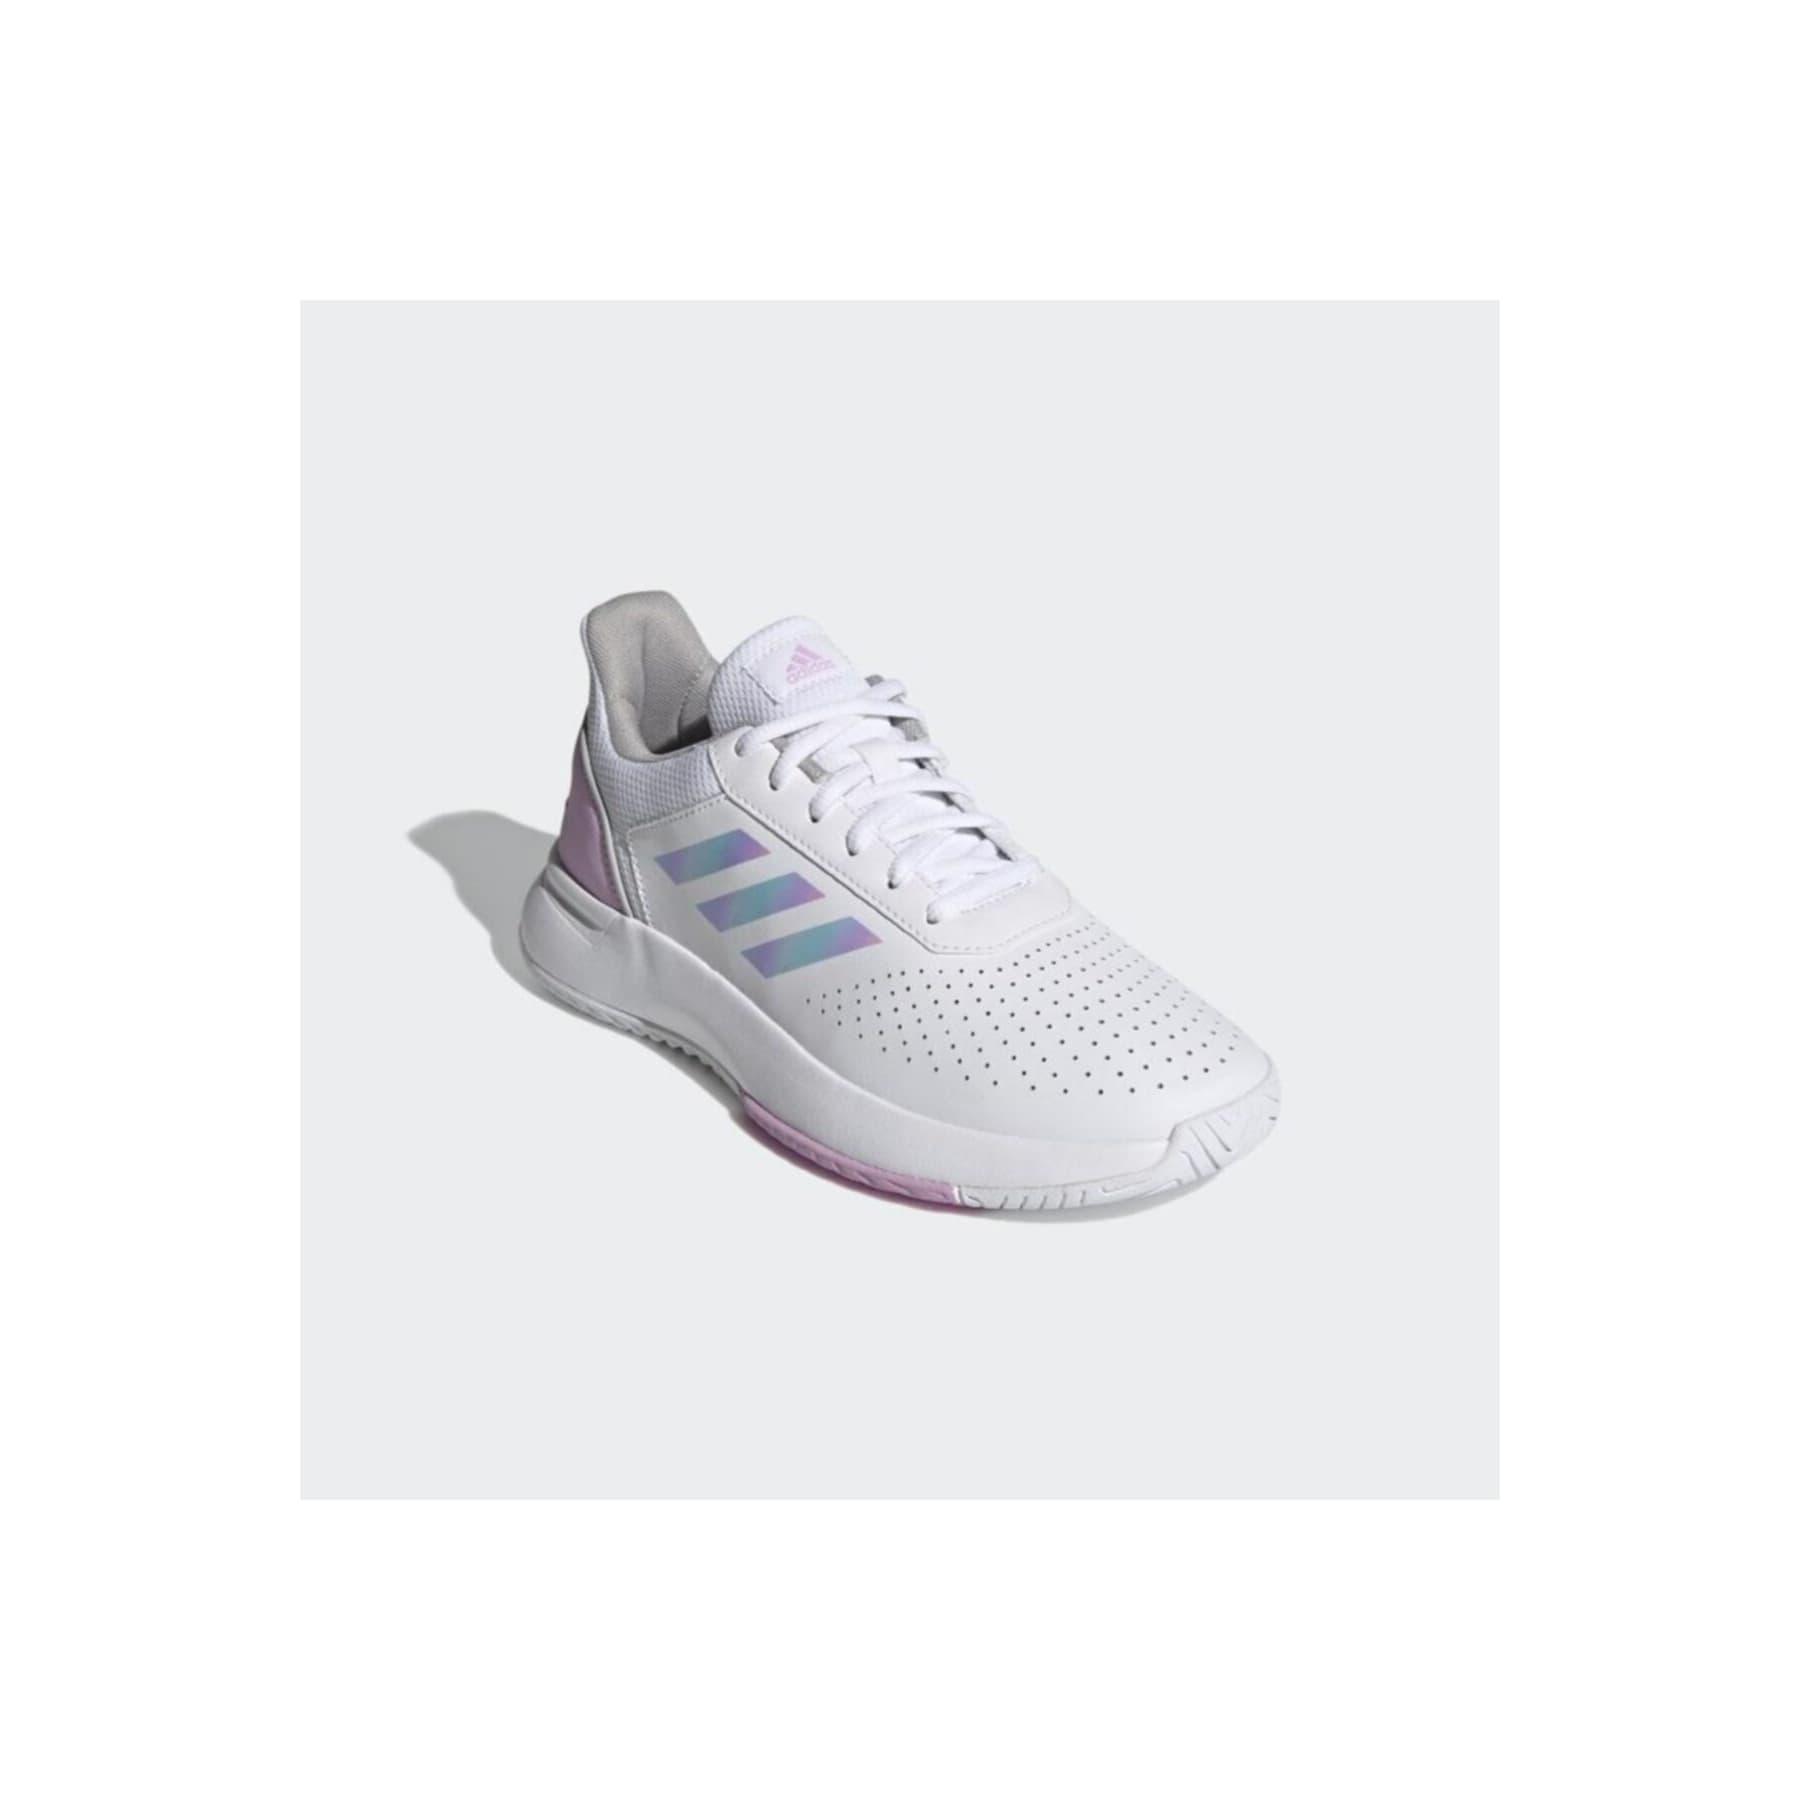 Courtsmash Kadın Beyaz Tenis Ayakkabısı (FY8732)